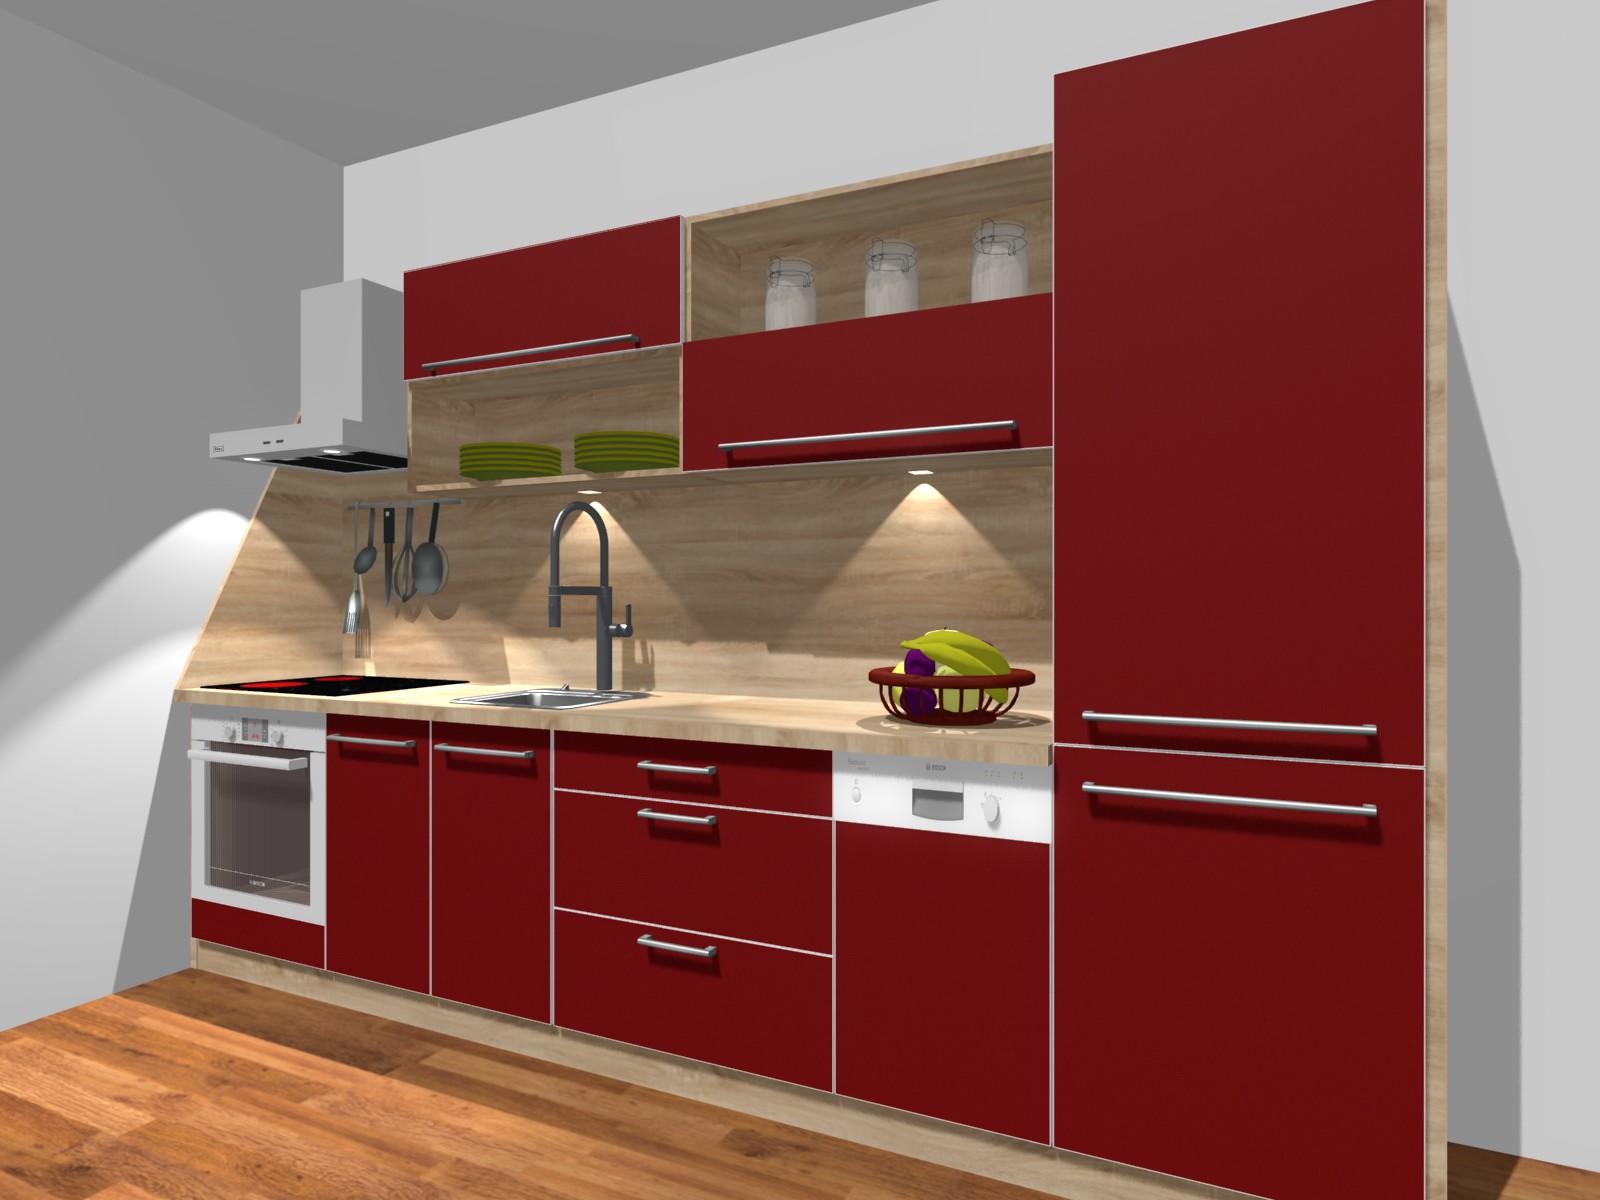 panelák vestavba - Kuchyňské studio